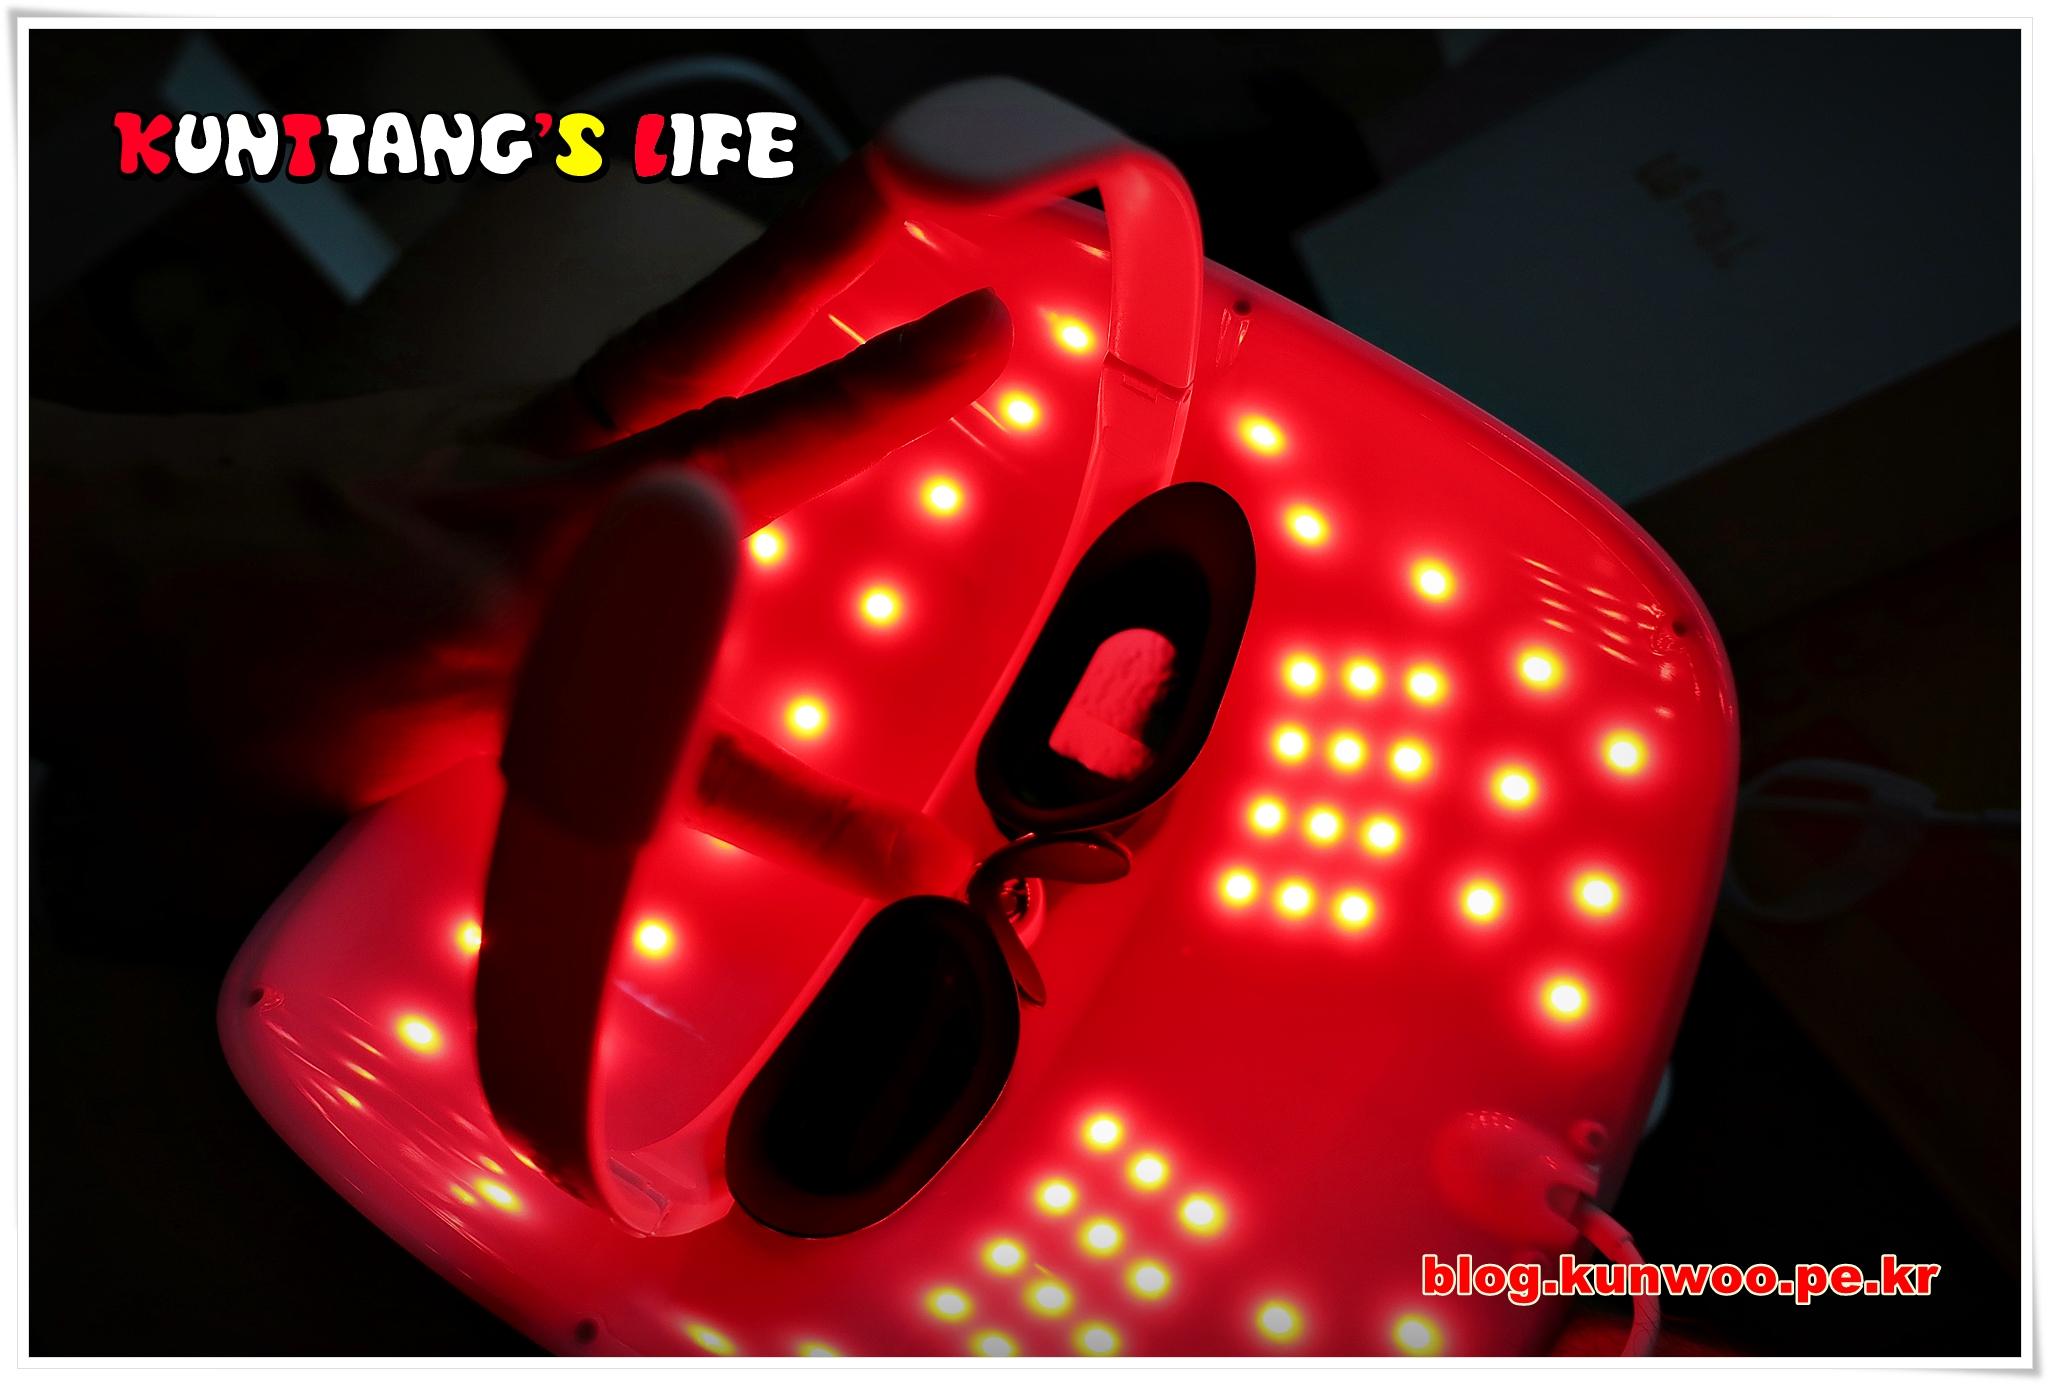 [그림11] Derma LED Mask의 LED가 켜진 모습